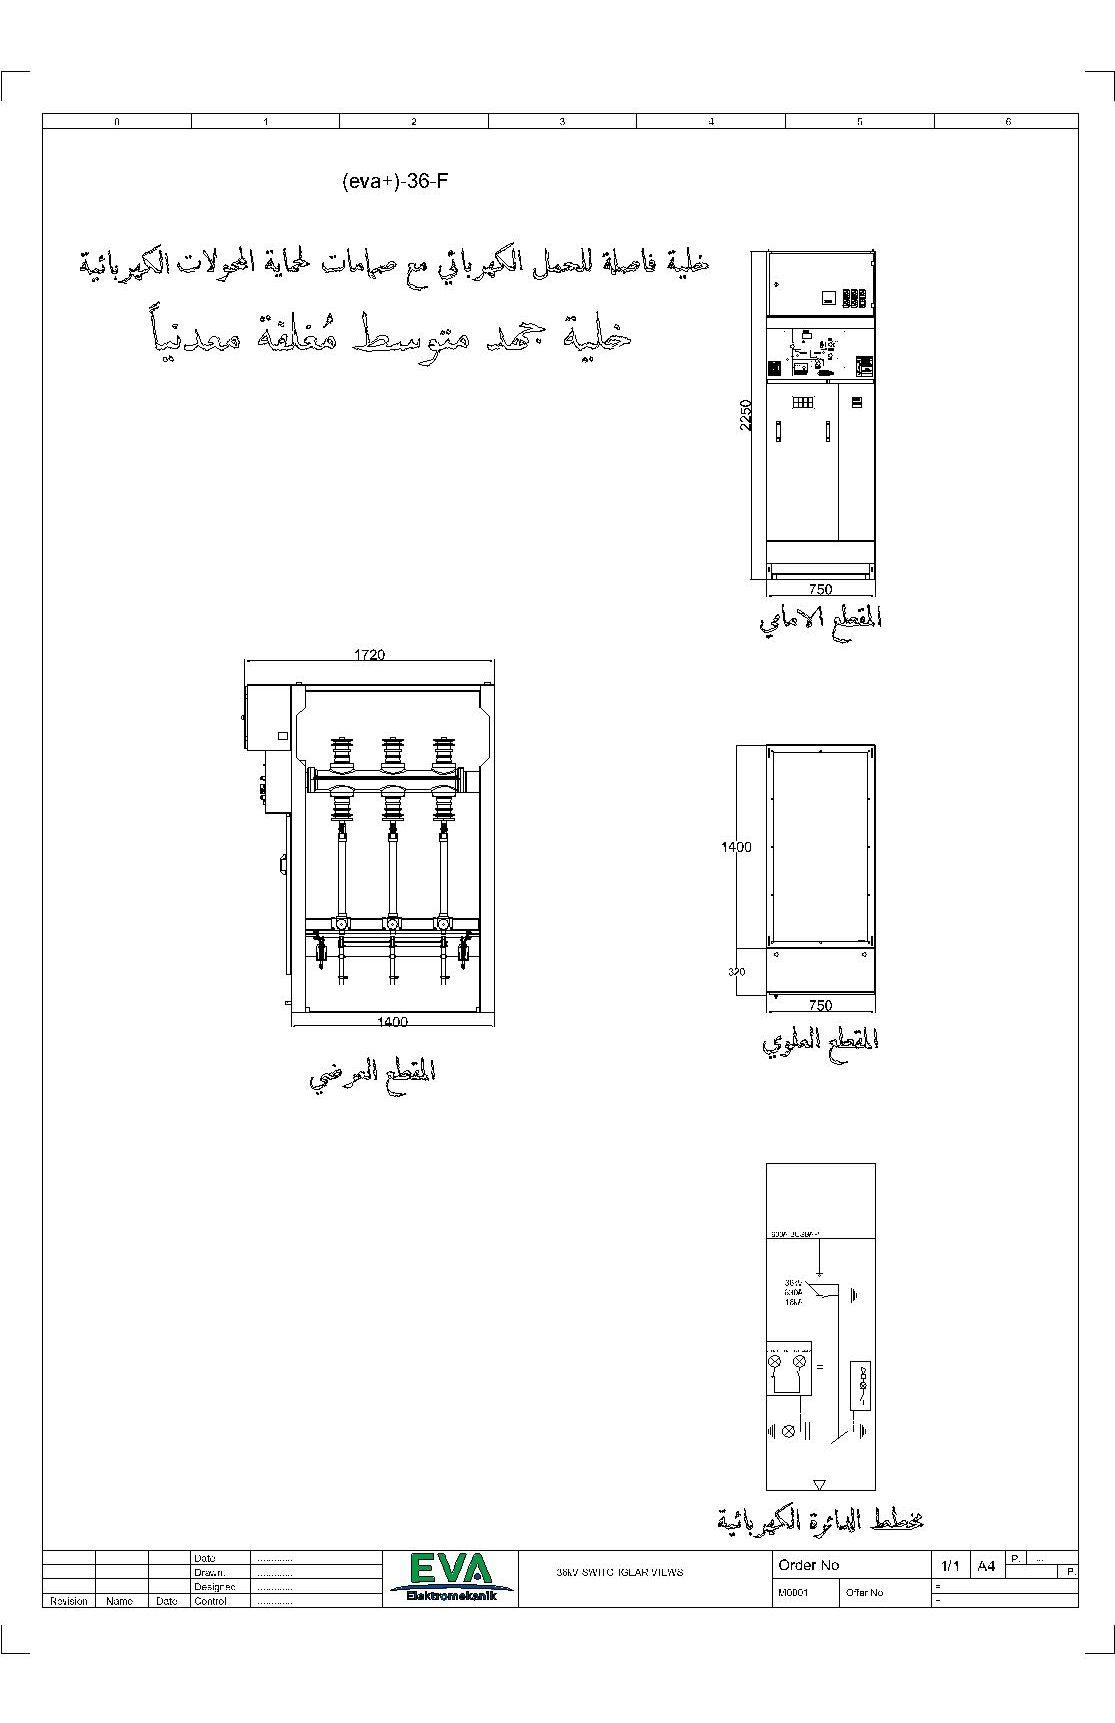 خلية فاصلة للحمل الكهربائي مع صمامات لحماية المحولات الكهربائية